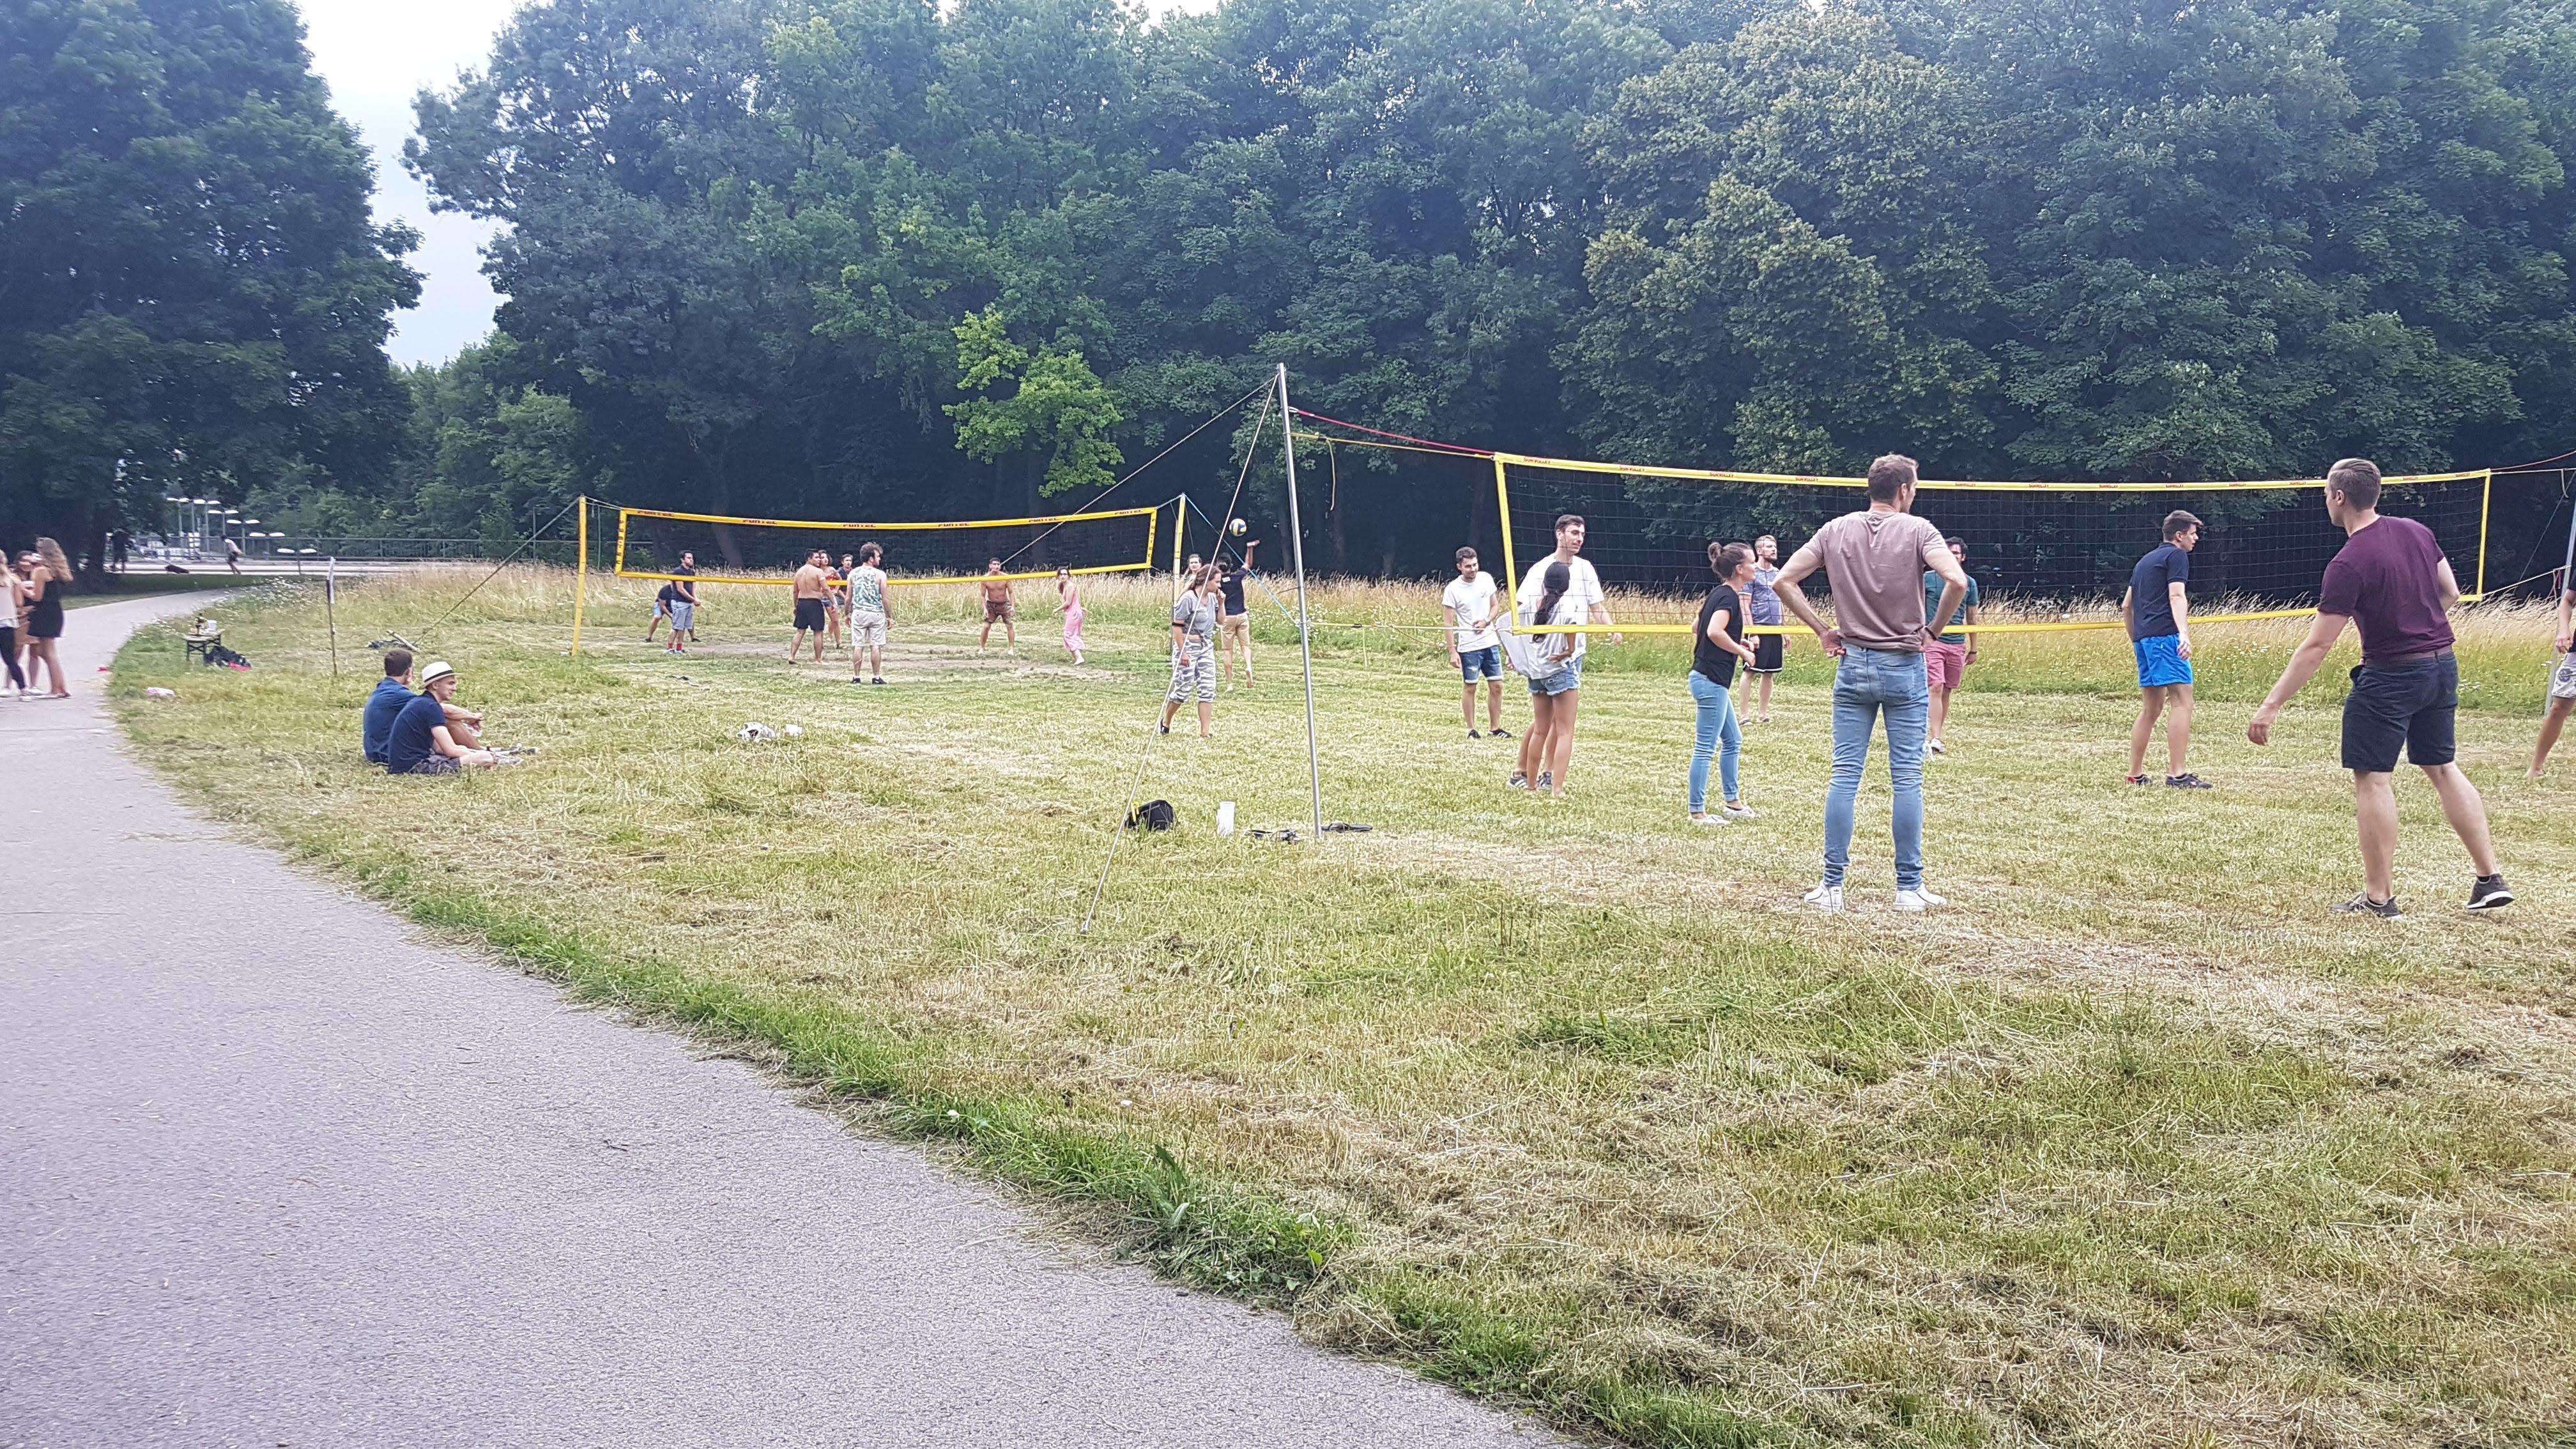 Volleyballturnier im Garten